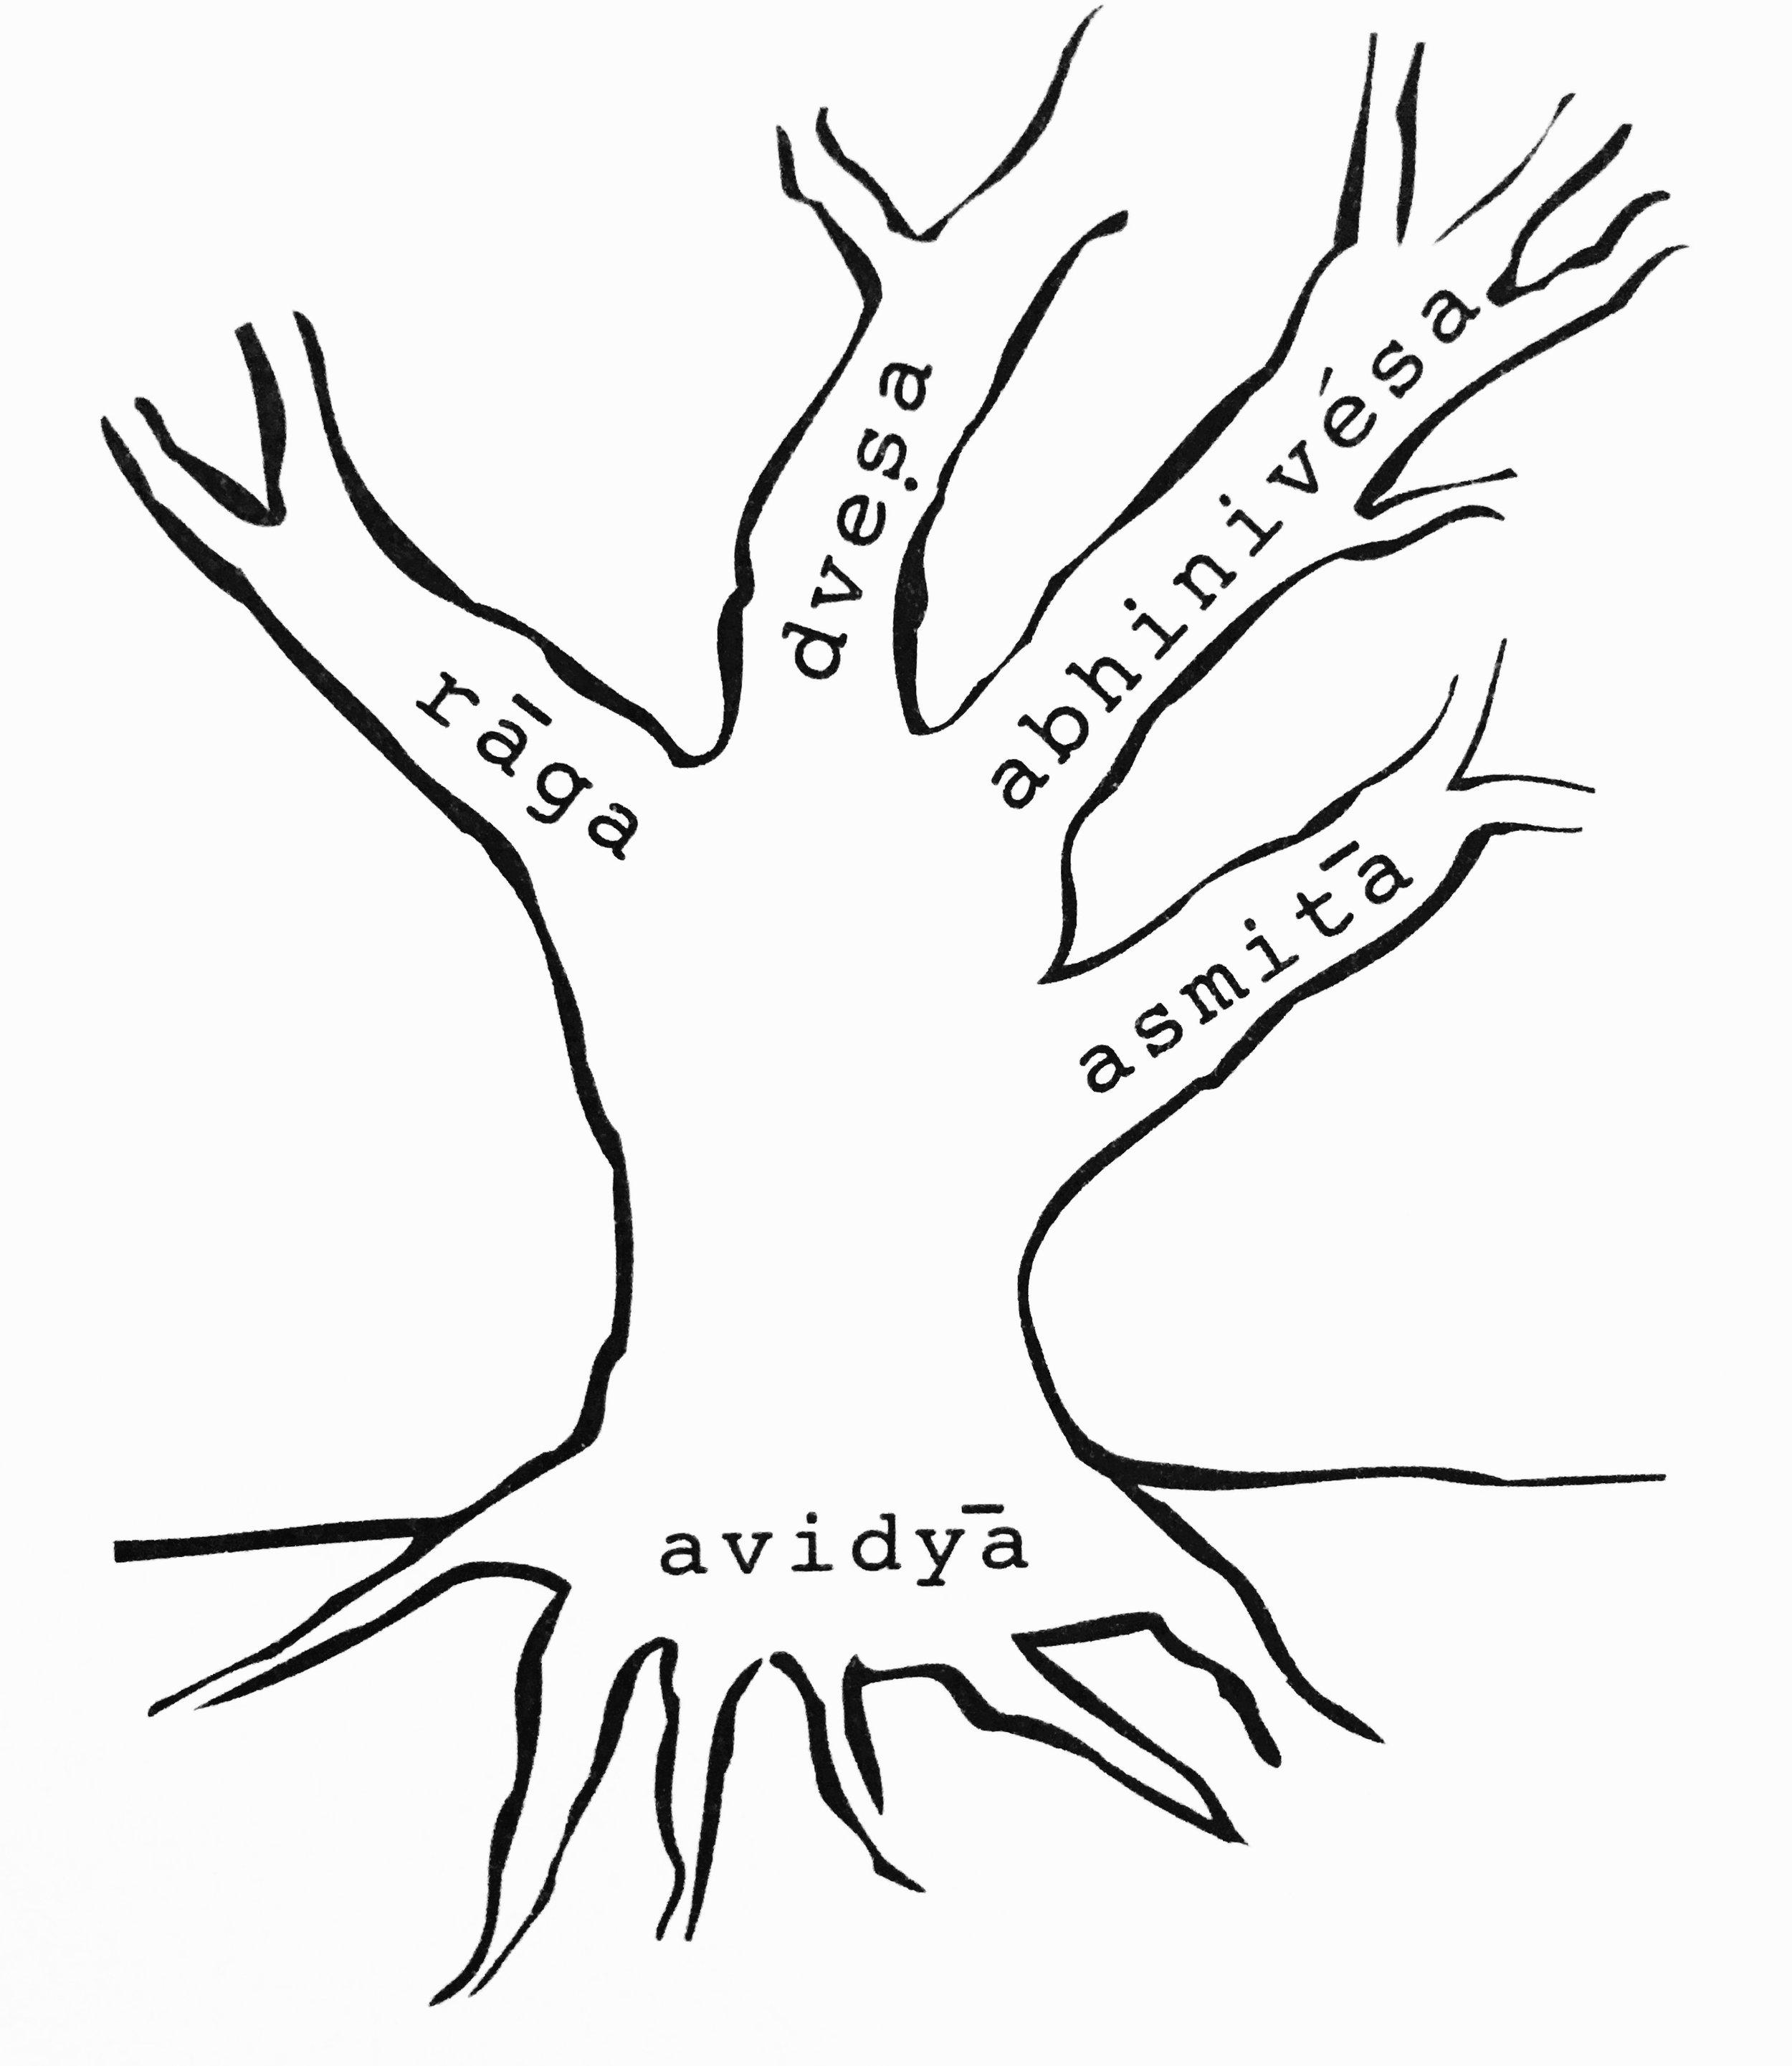 Illustration of the kleshas from TKV Desikachar's  The Heart of Yoga